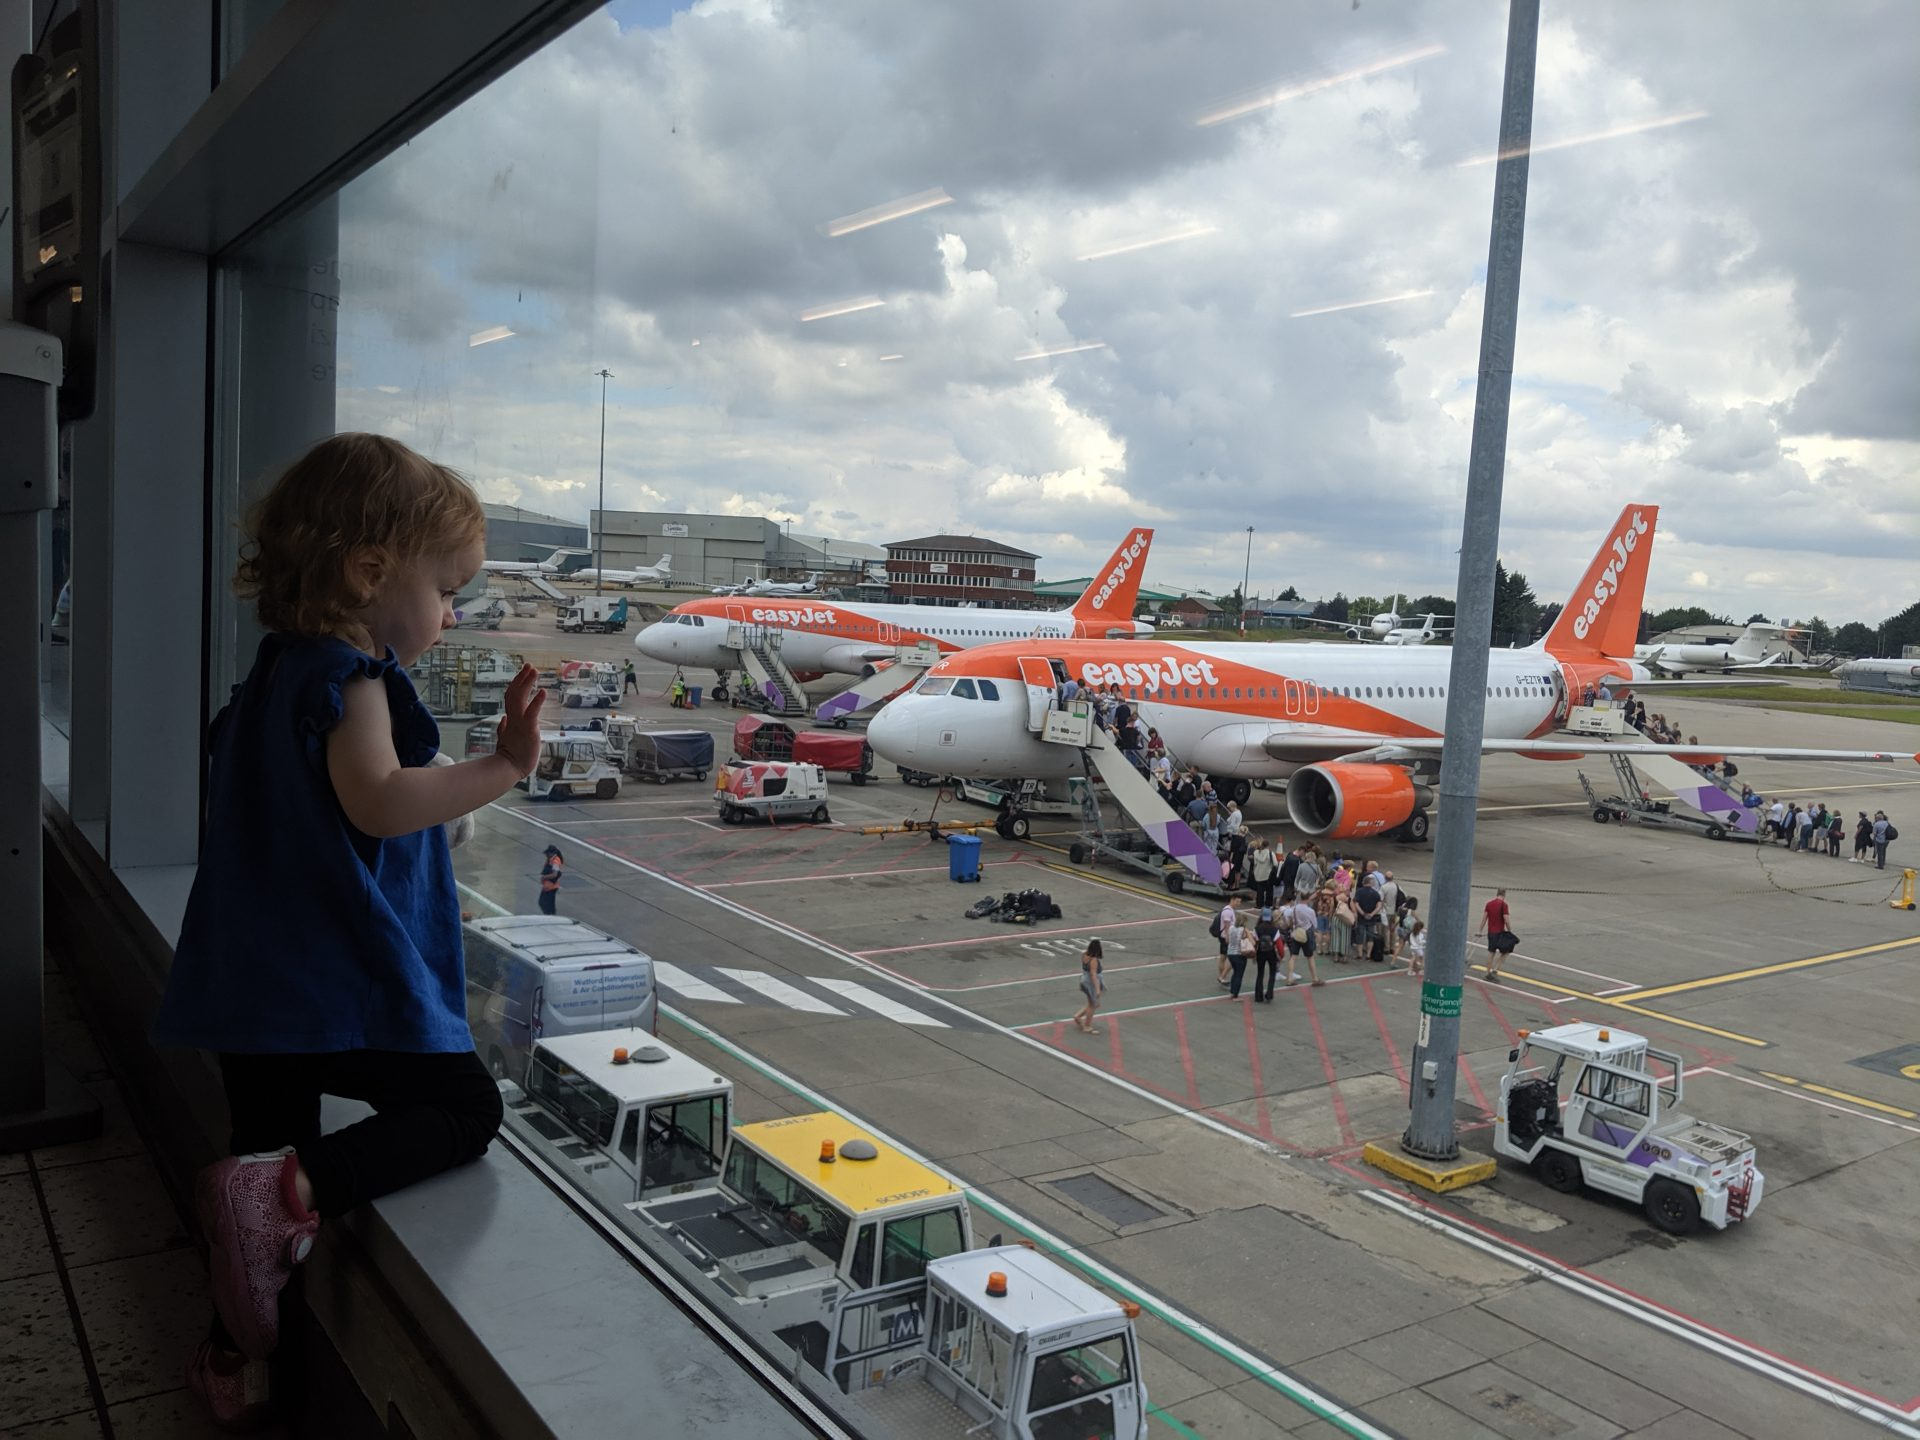 Bagaż dla niemowlaka – co spakować w pierwszą podróż z niemowlakiem